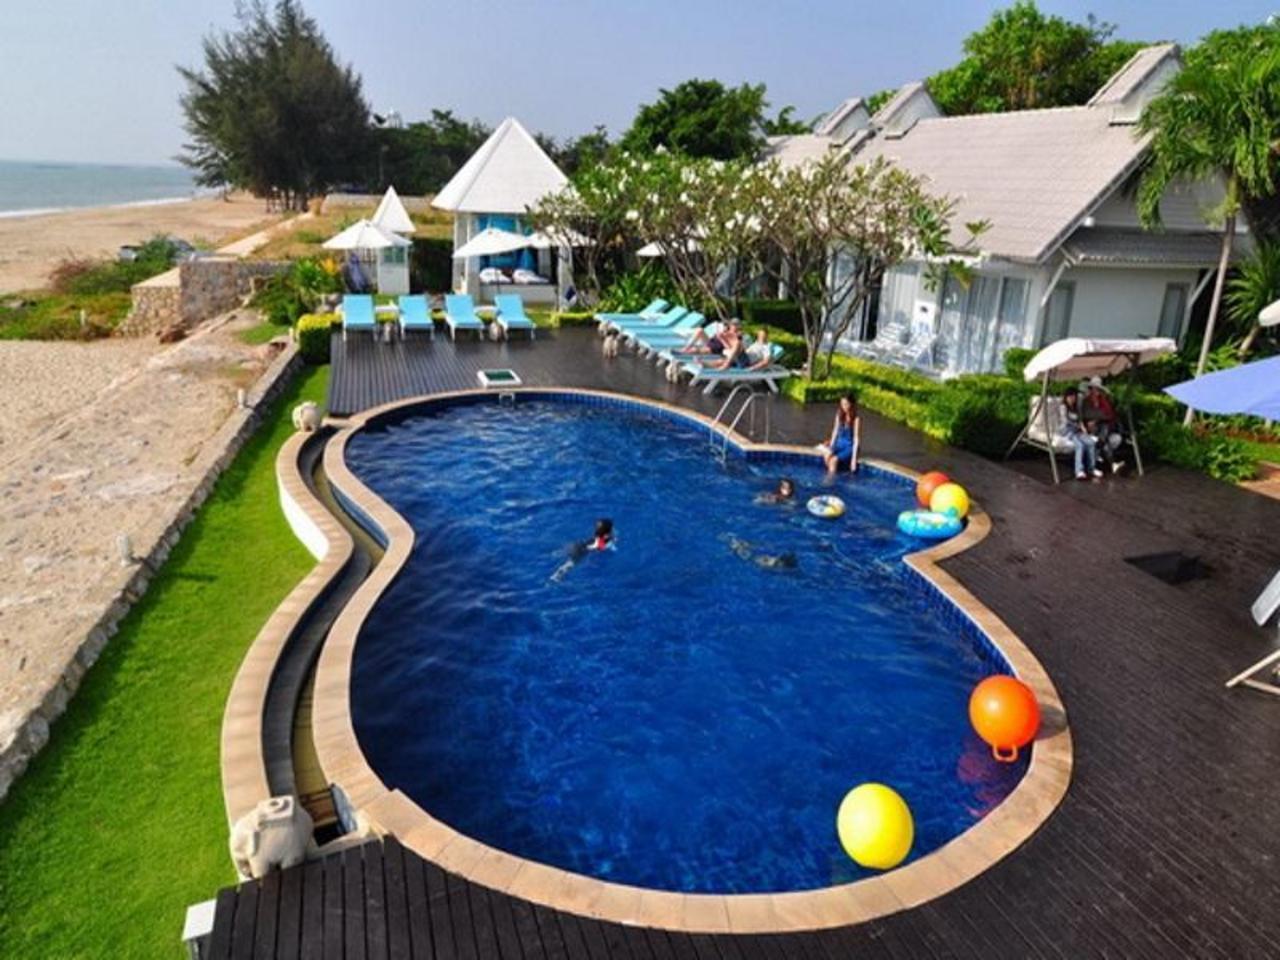 บลู สกาย รีสอร์ท (Blue Sky Resort)